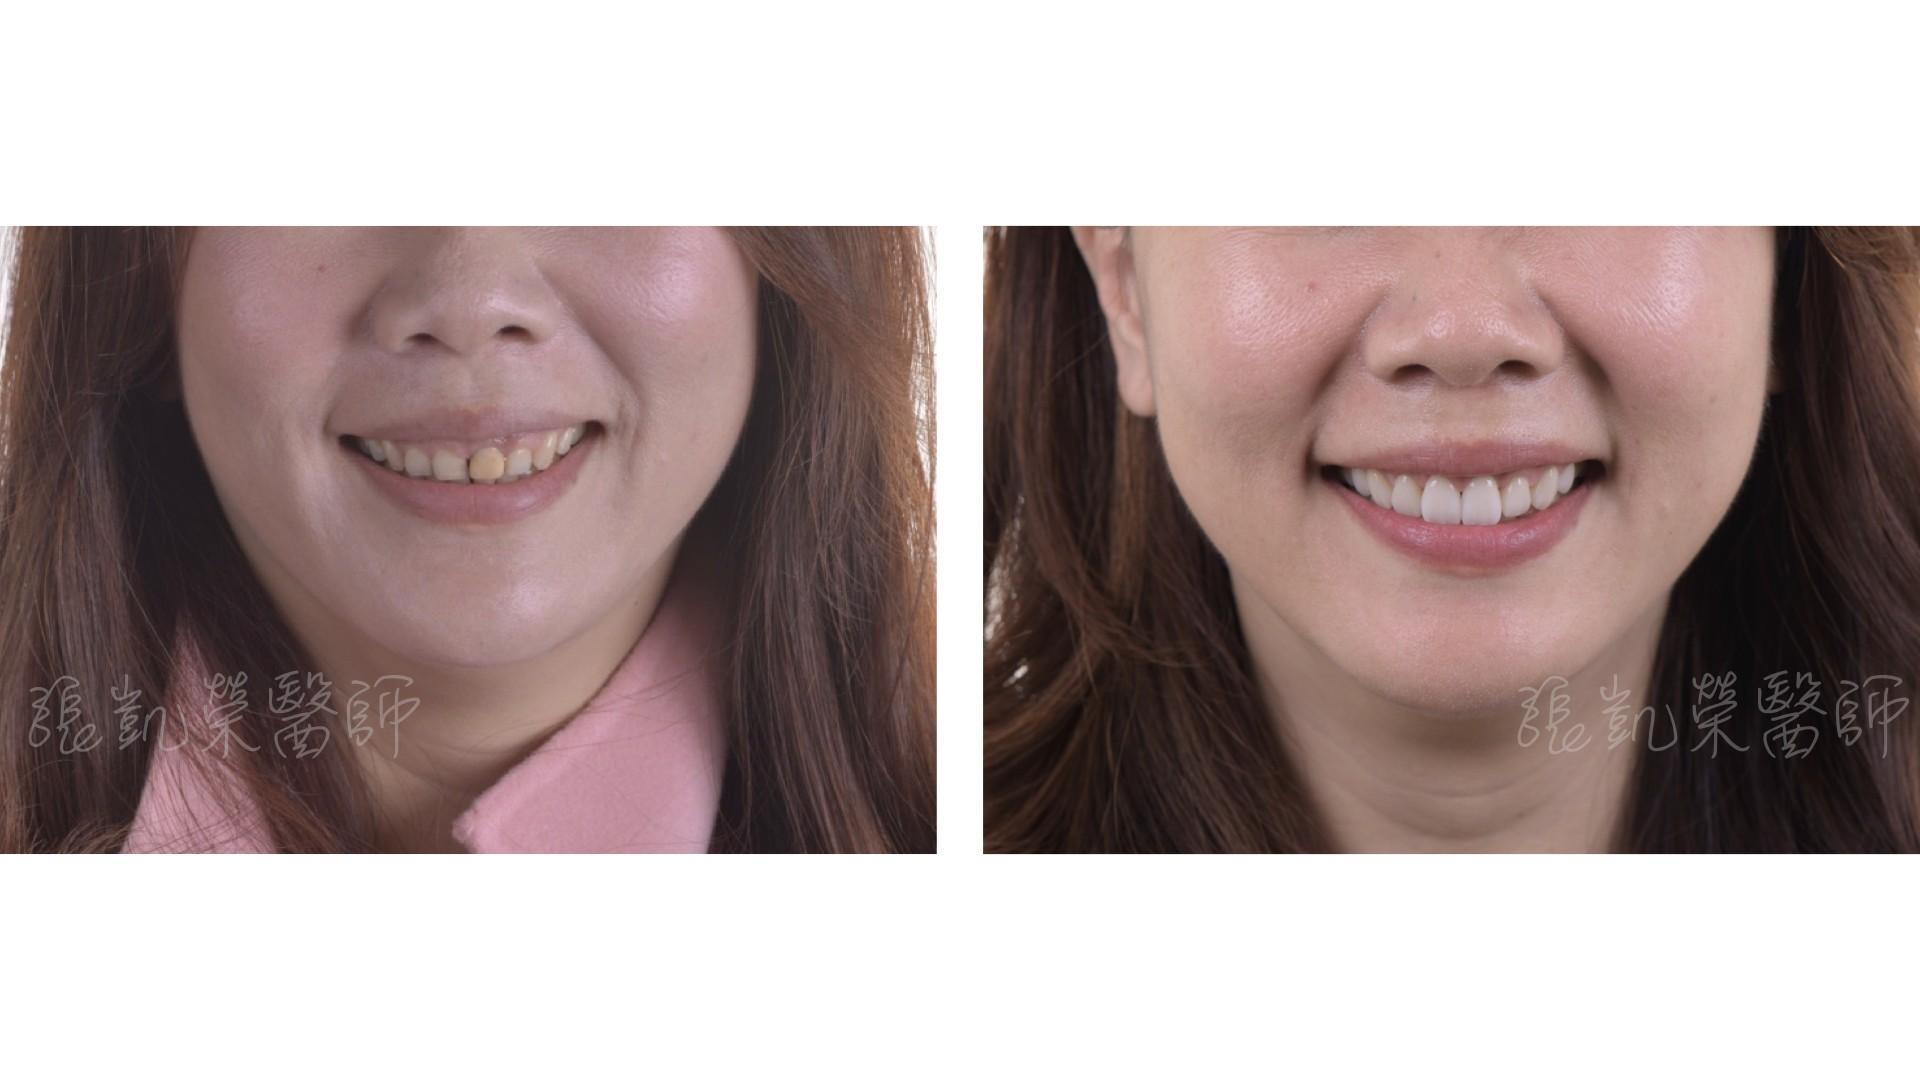 牙冠增長術 part I---改善笑齦的牙齦整形